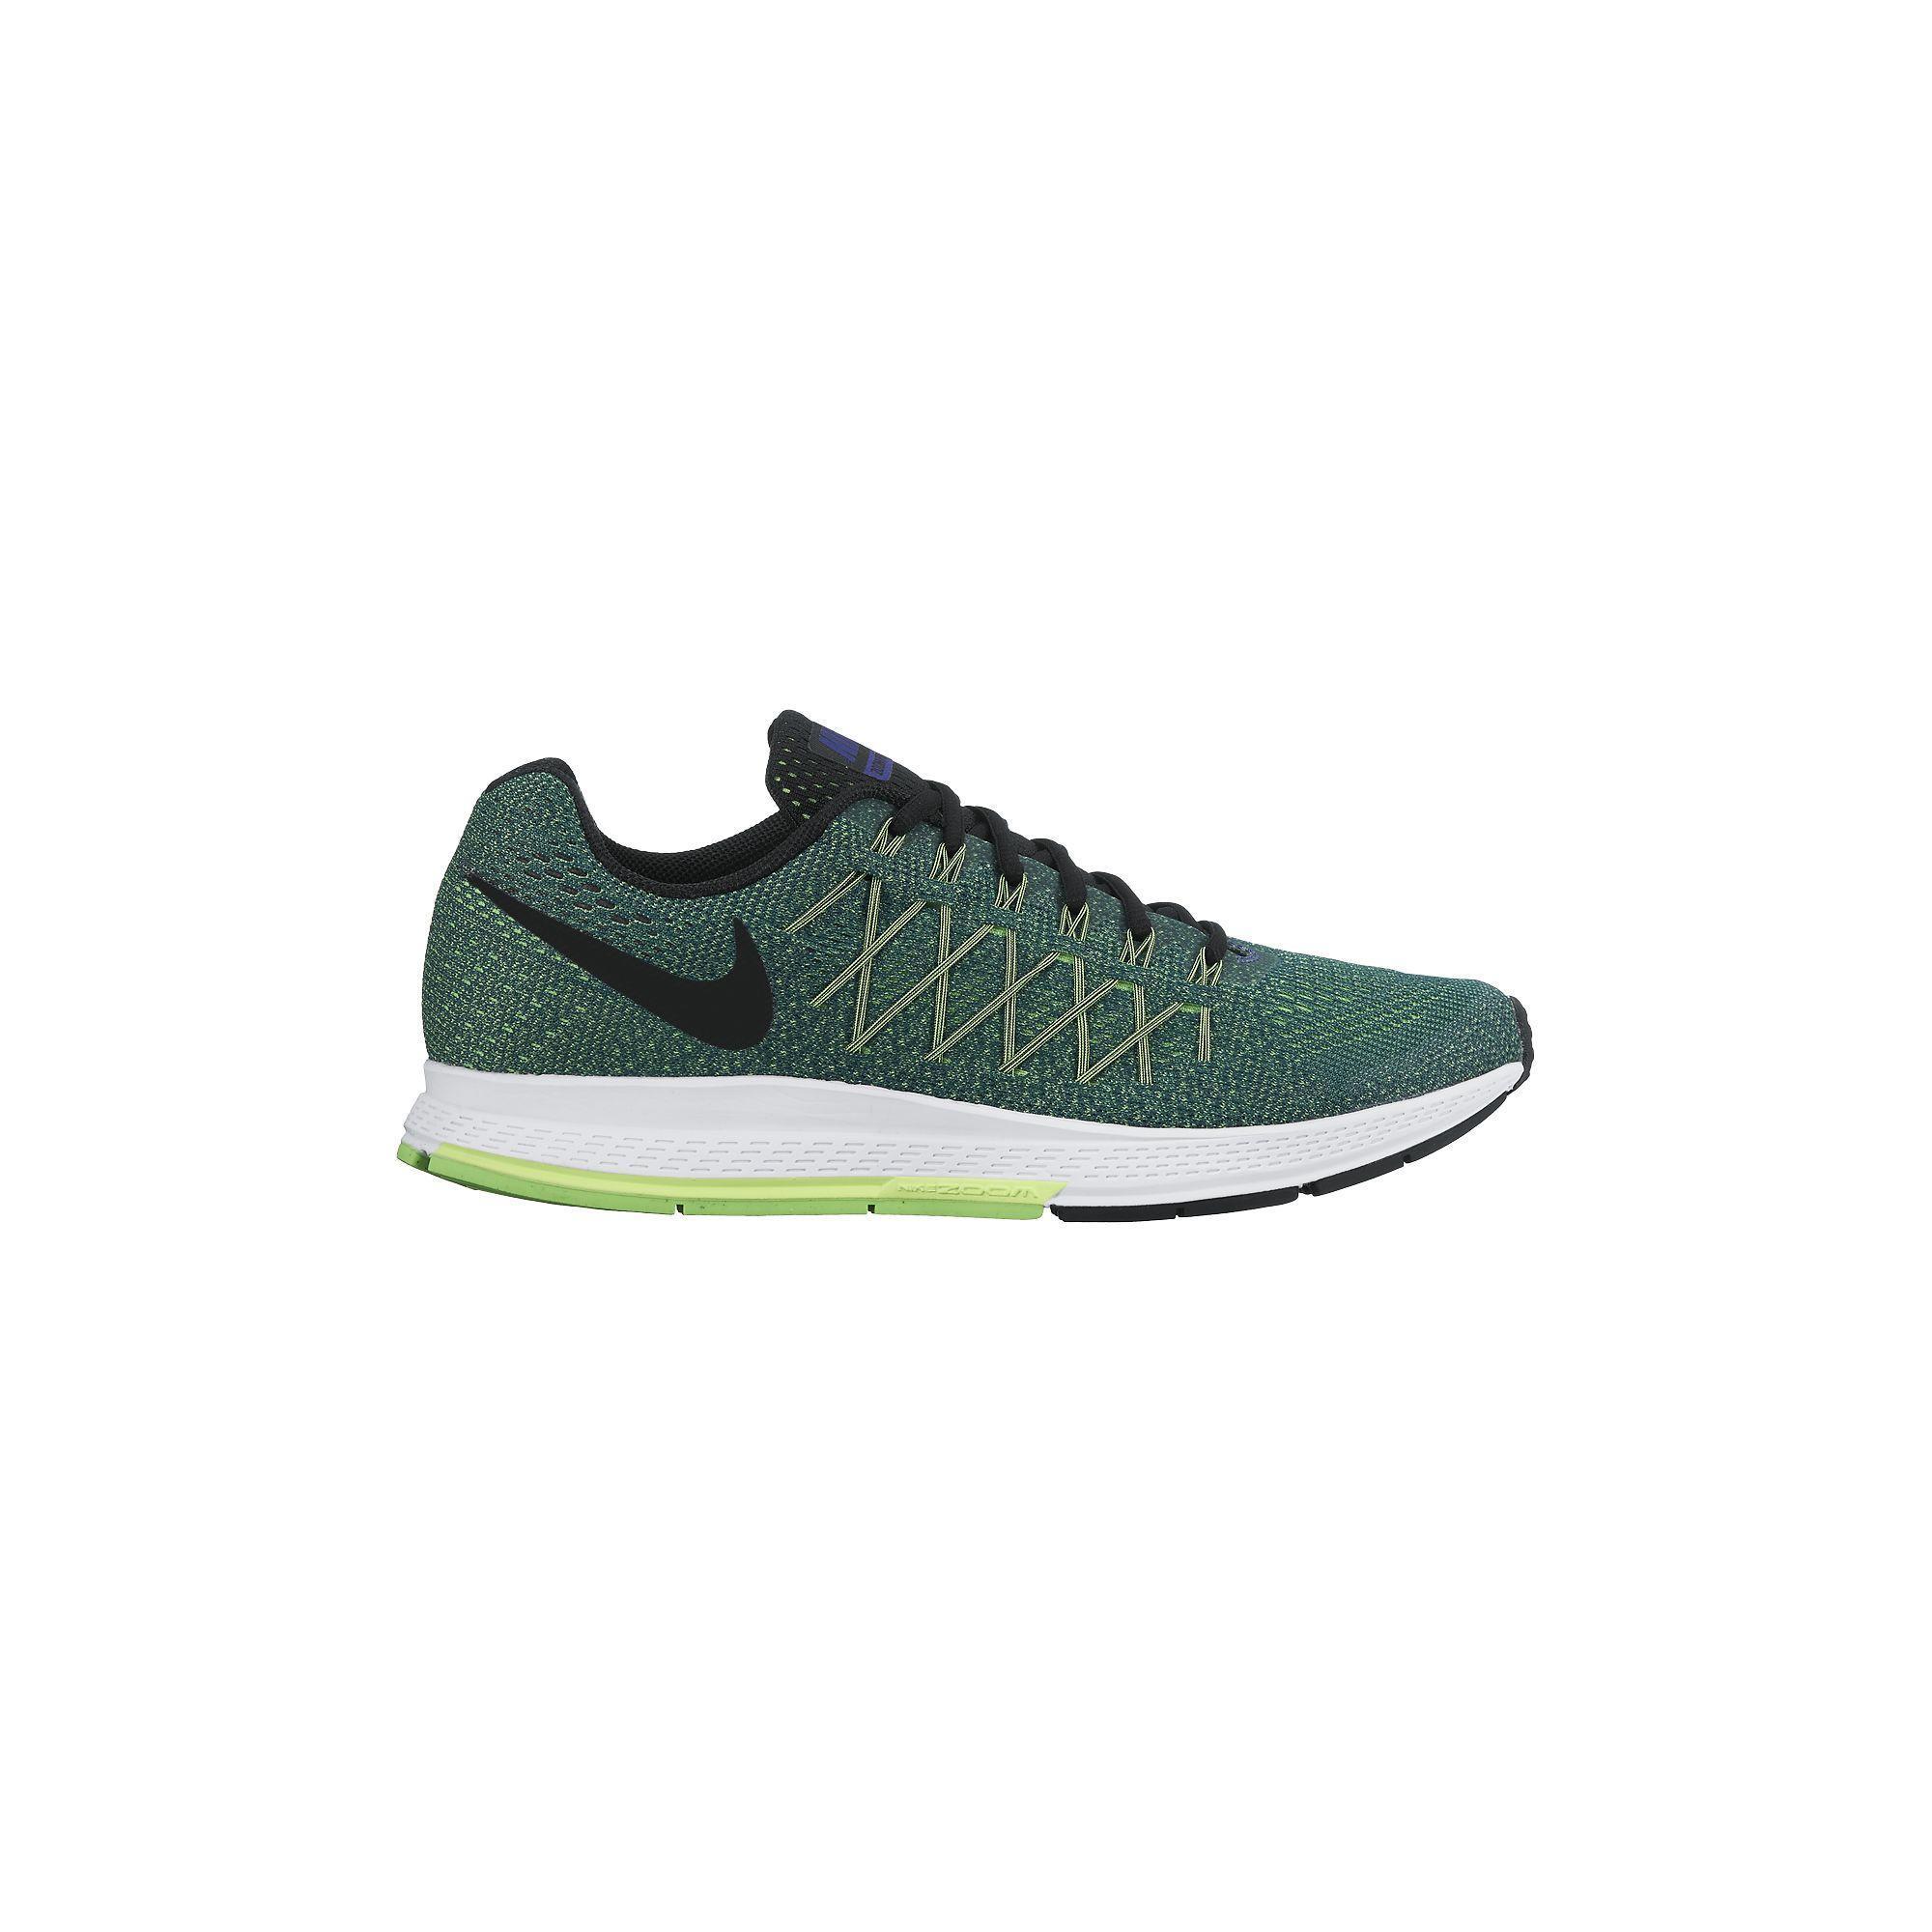 nike air force 1 ac femme - Nike Air Zoom Pegasus 32 - Fleet Feet Sports